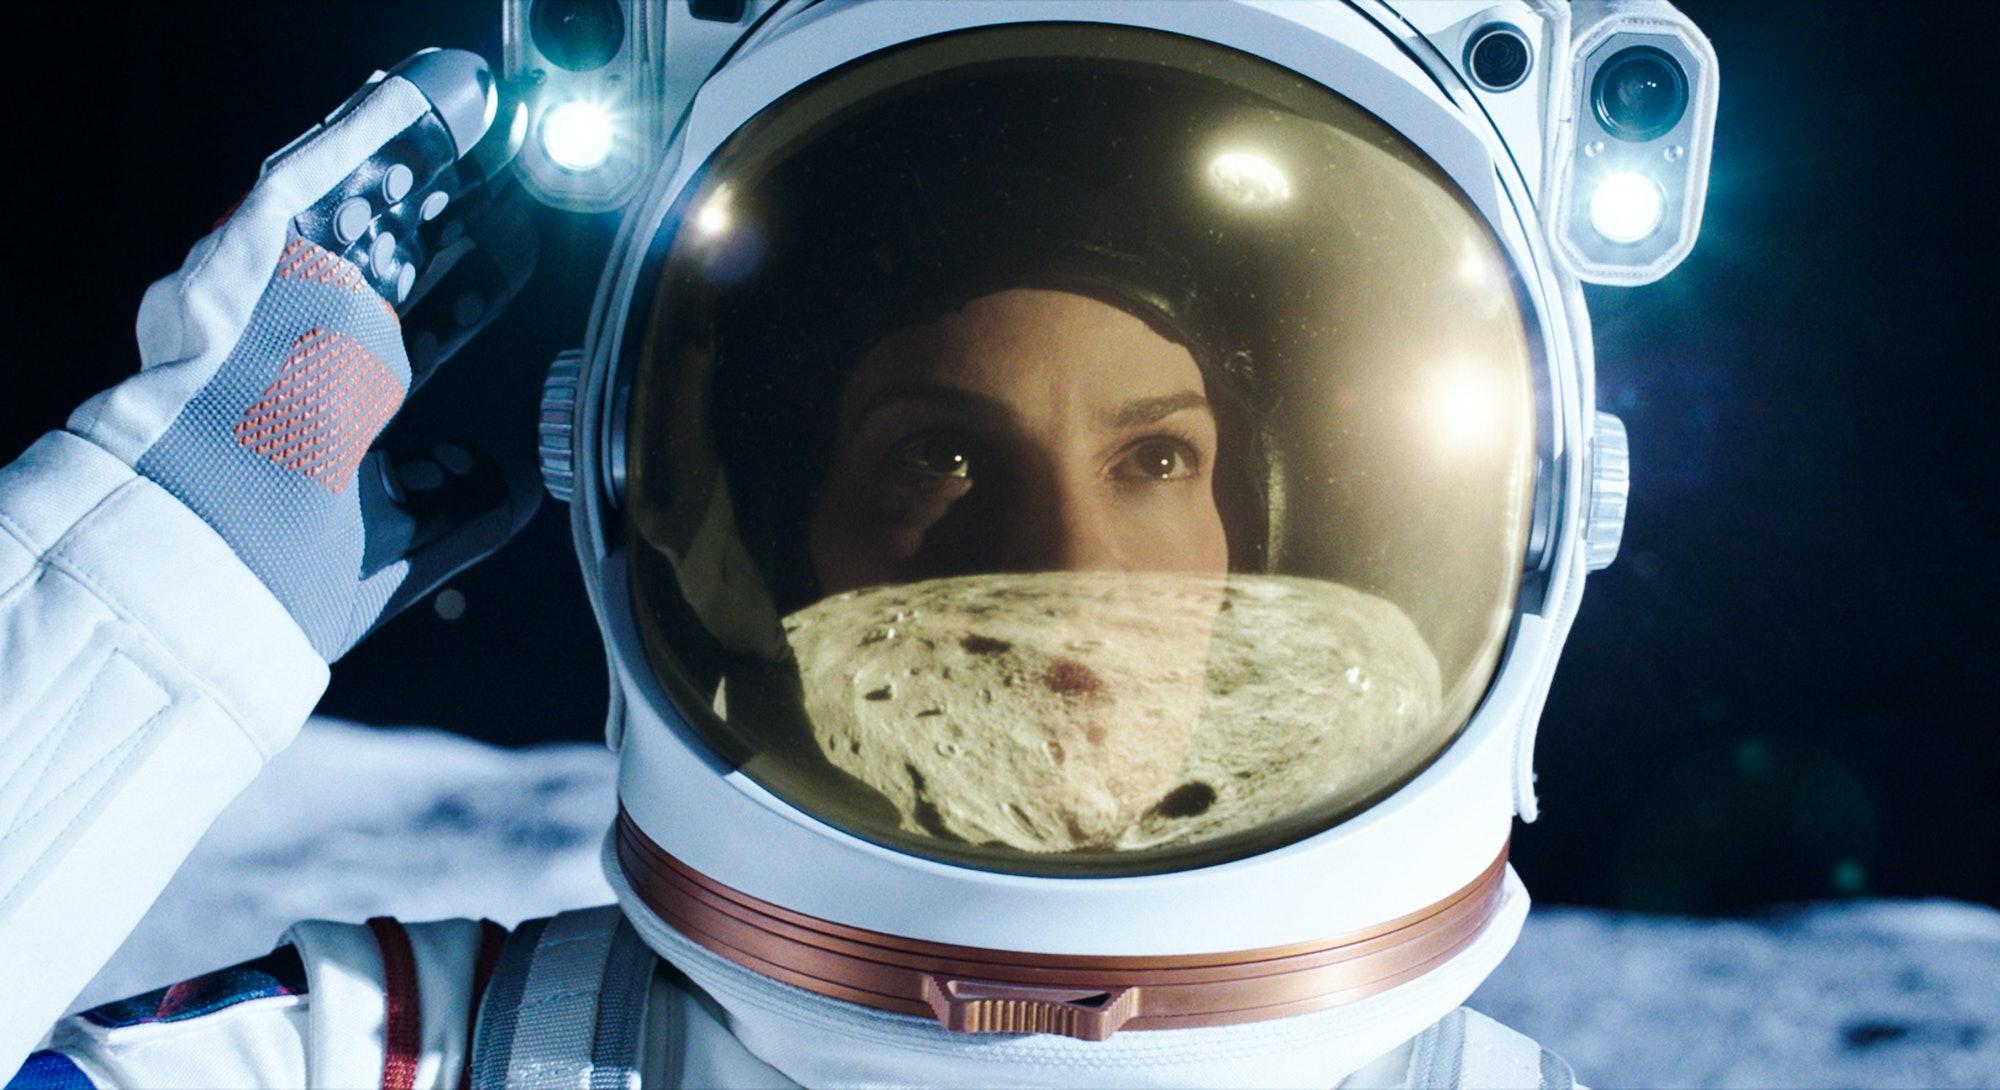 Hilary Swank in 'Away' on Netflix